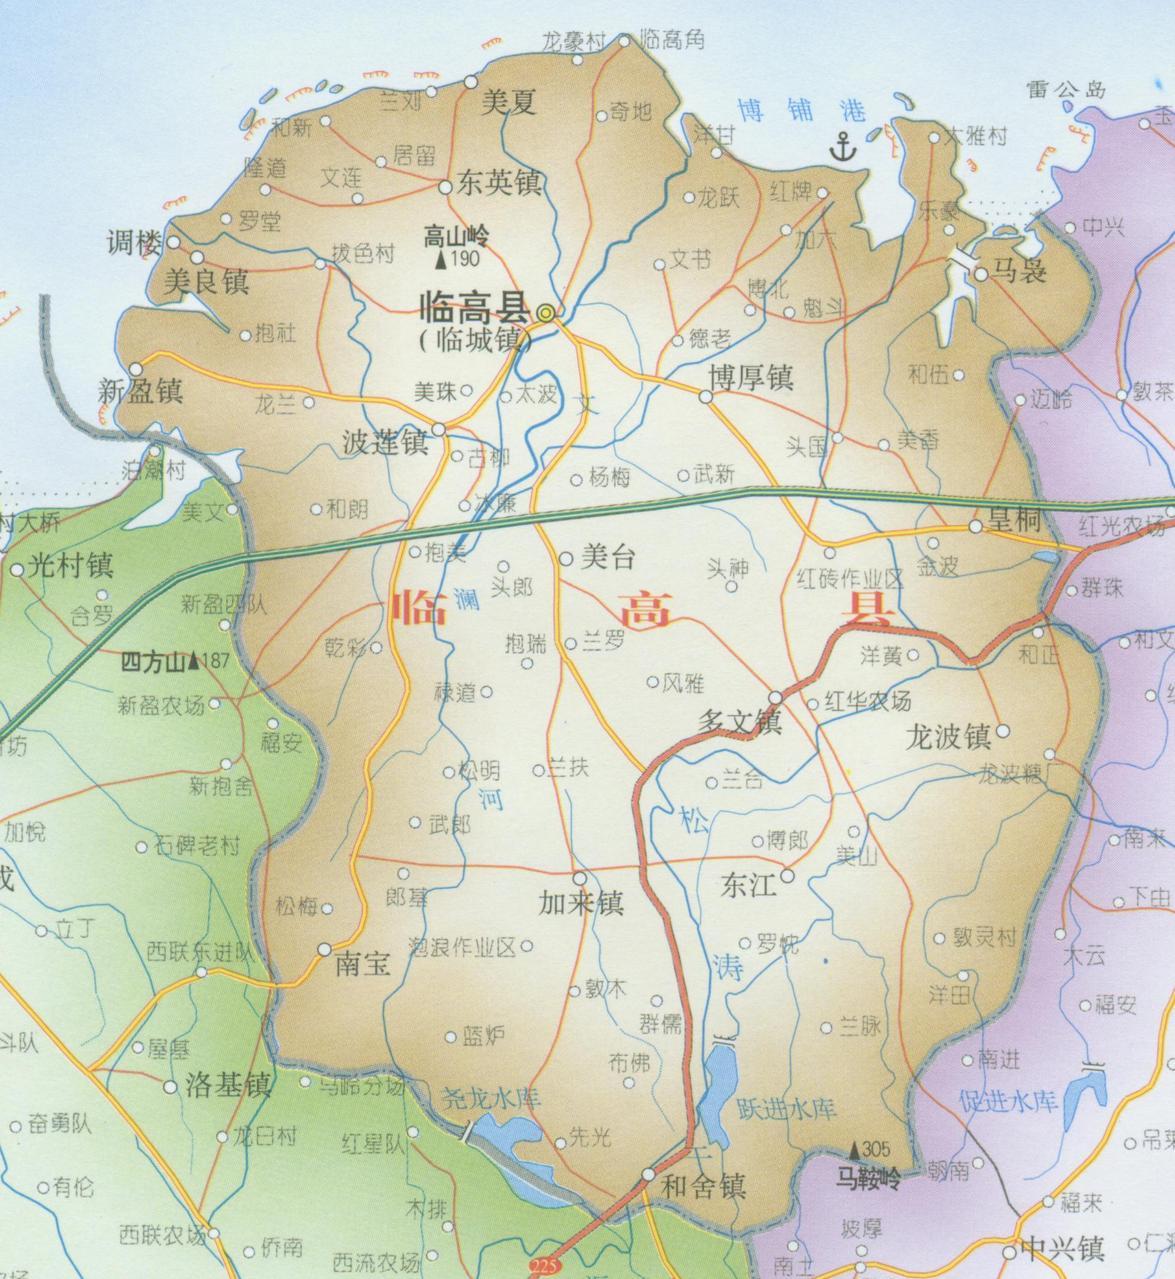 【临高县地图】海南省临高县地图查询,临高县电子地图